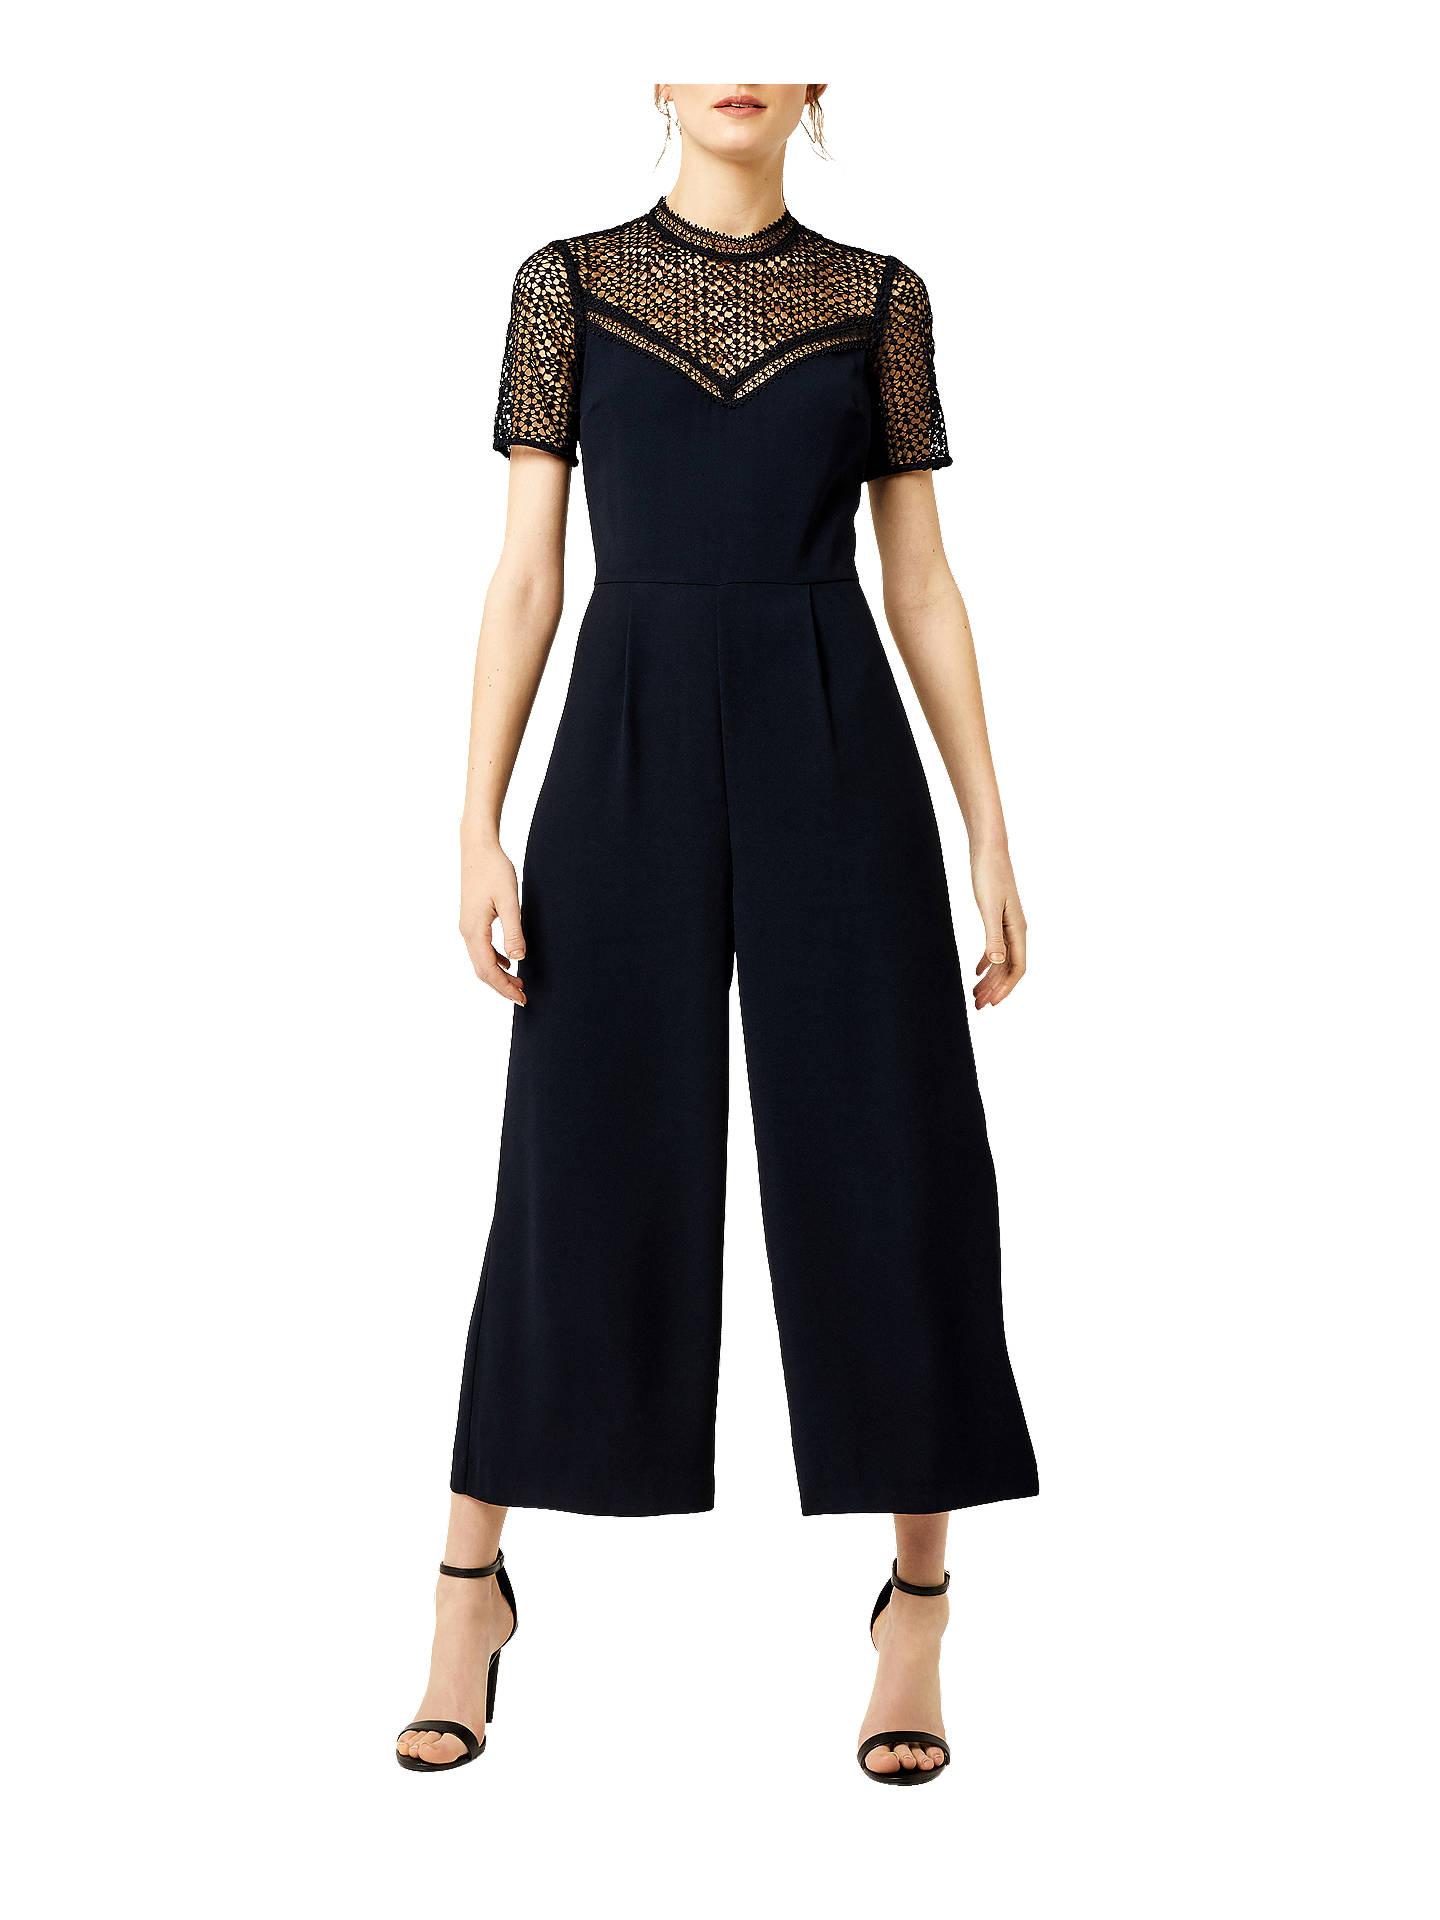 2a1363579e6 Buy Warehouse Crepe Lace Jumpsuit